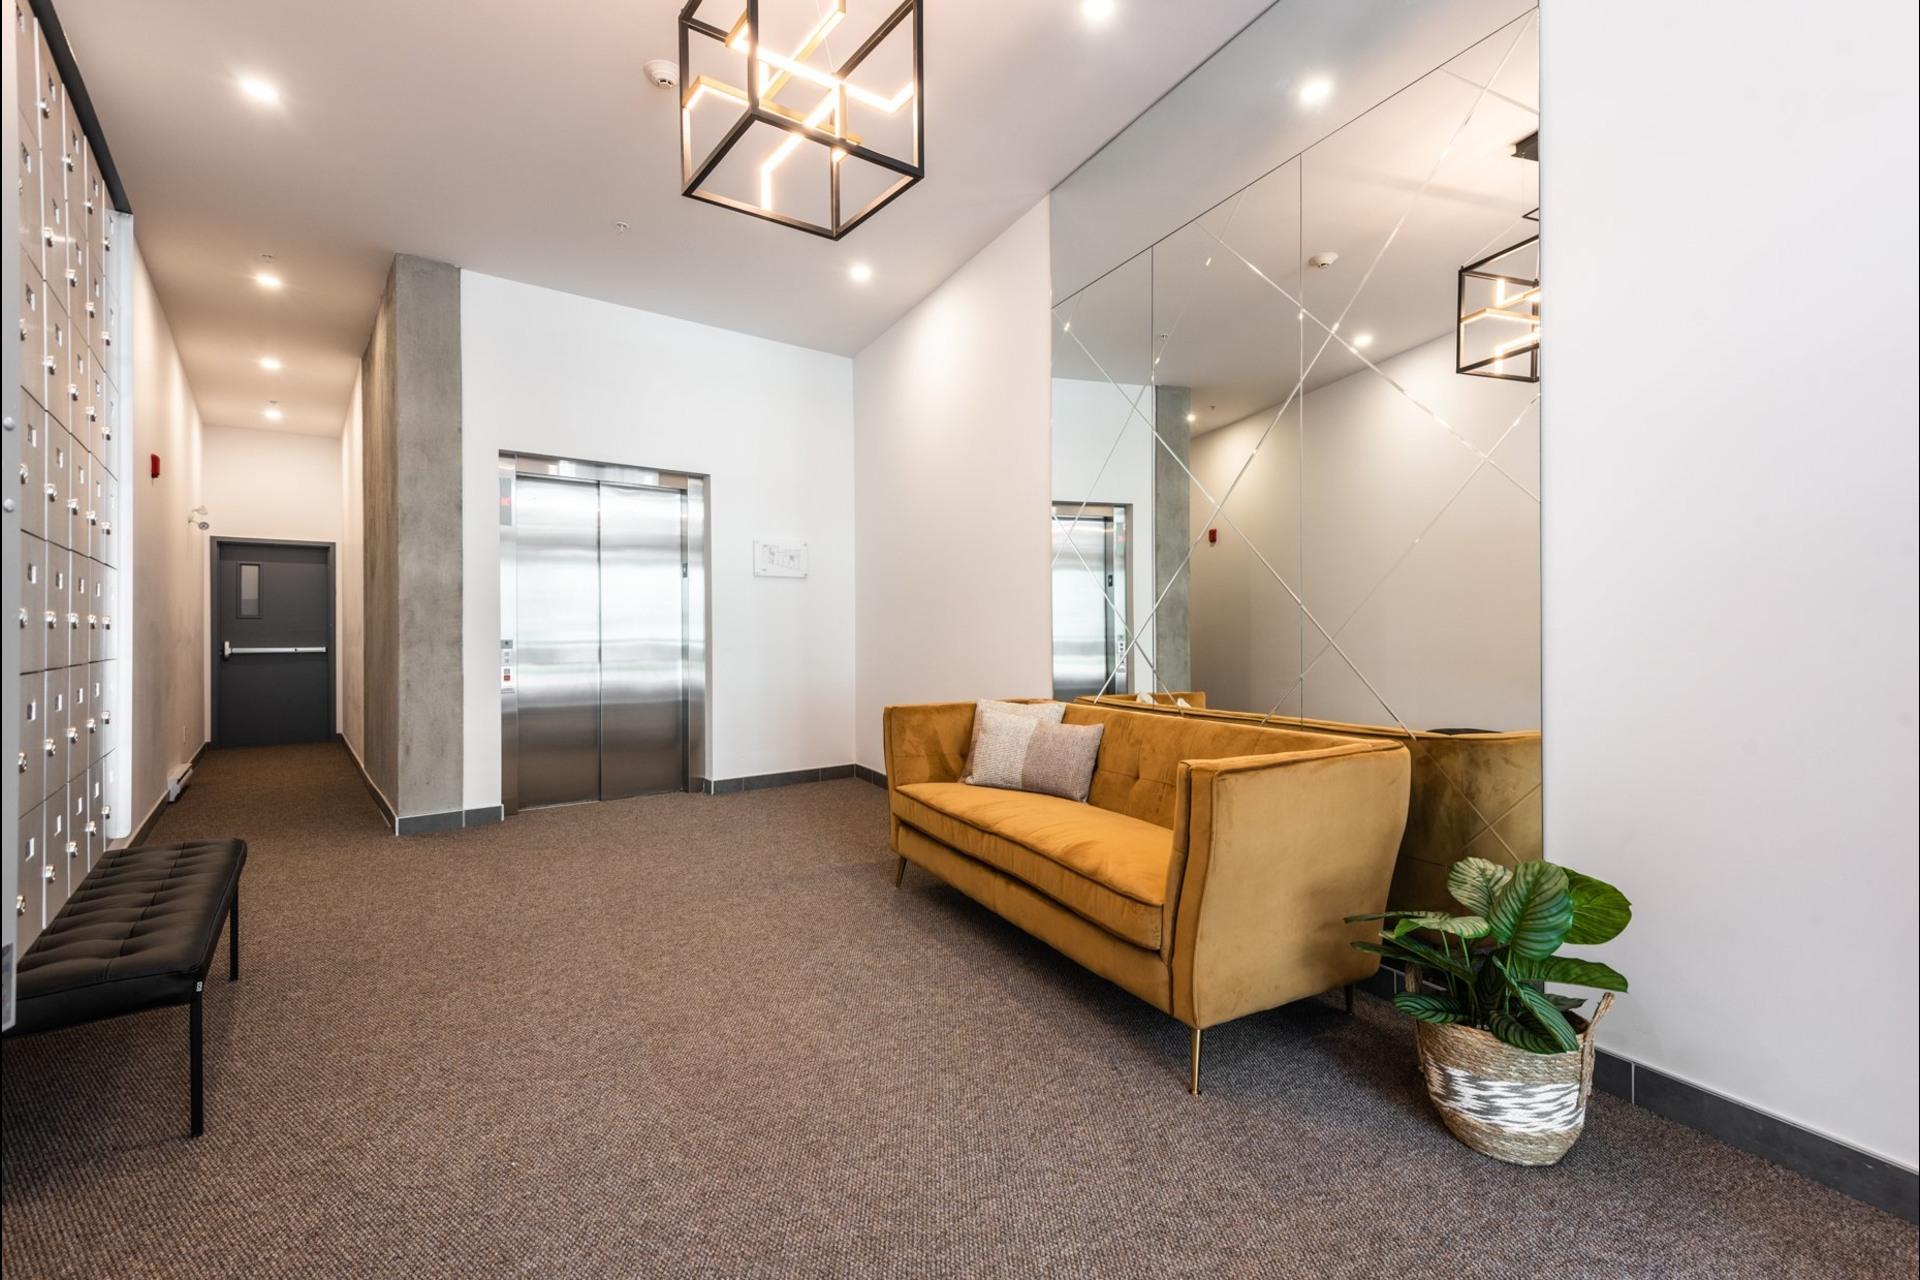 image 13 - Apartment For sale Villeray/Saint-Michel/Parc-Extension Montréal  - 3 rooms